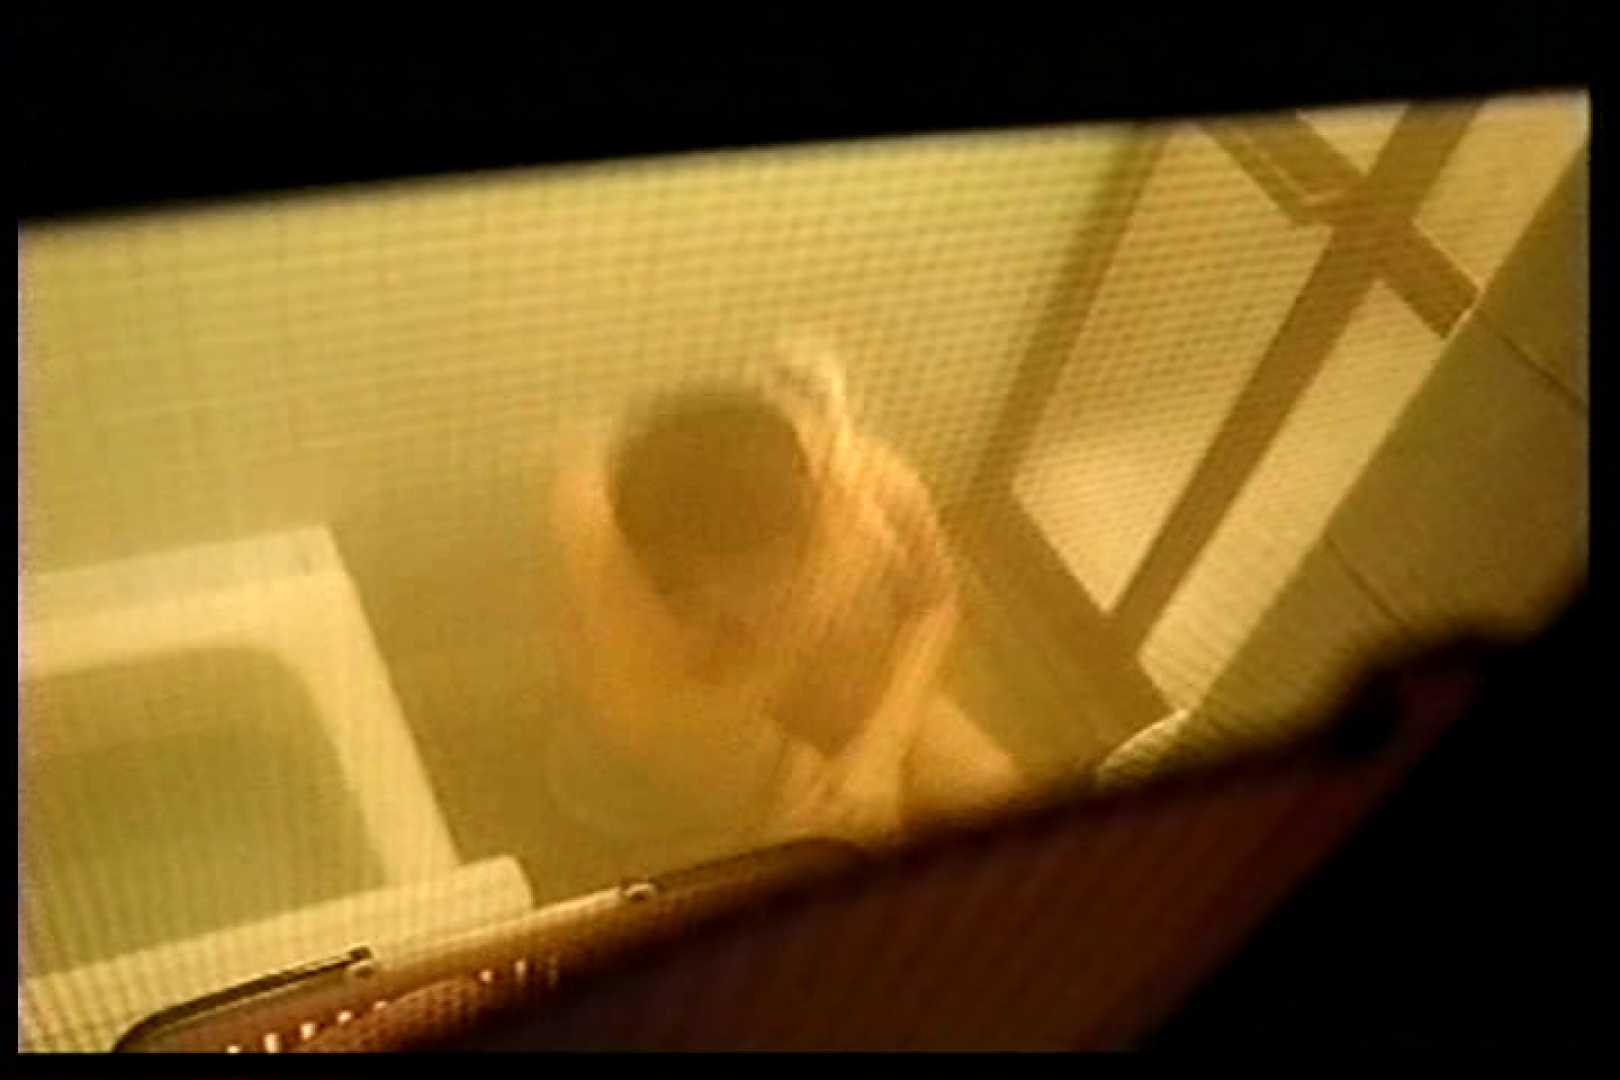 バレまくり!! 絶叫民家女風呂盗撮Vol.3 美女OL オマンコ動画キャプチャ 64連発 27